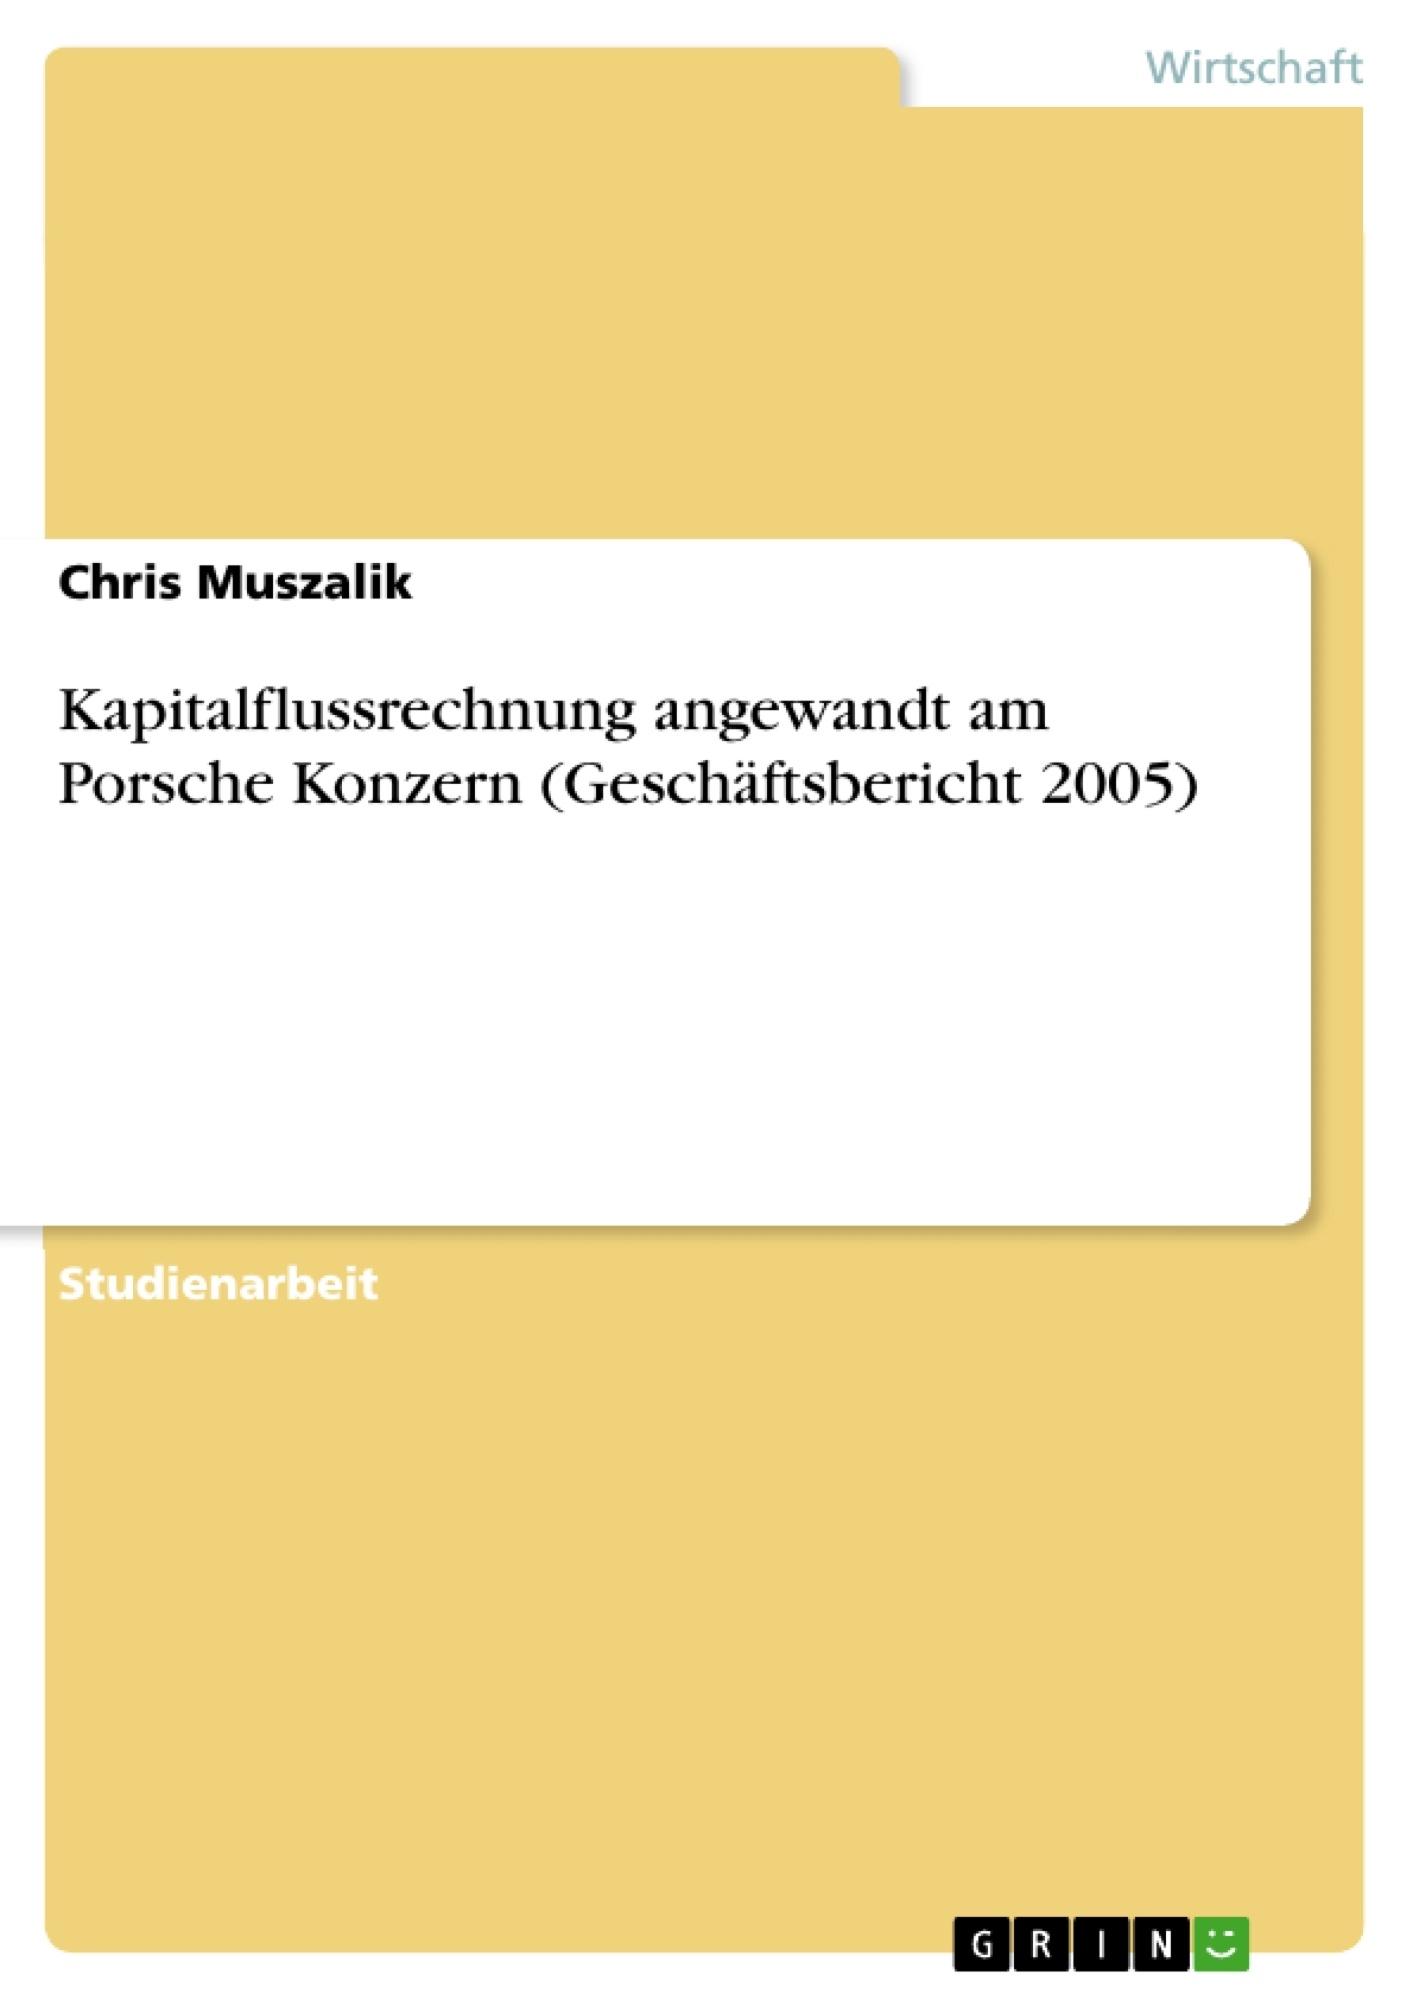 Titel: Kapitalflussrechnung angewandt am Porsche Konzern (Geschäftsbericht 2005)